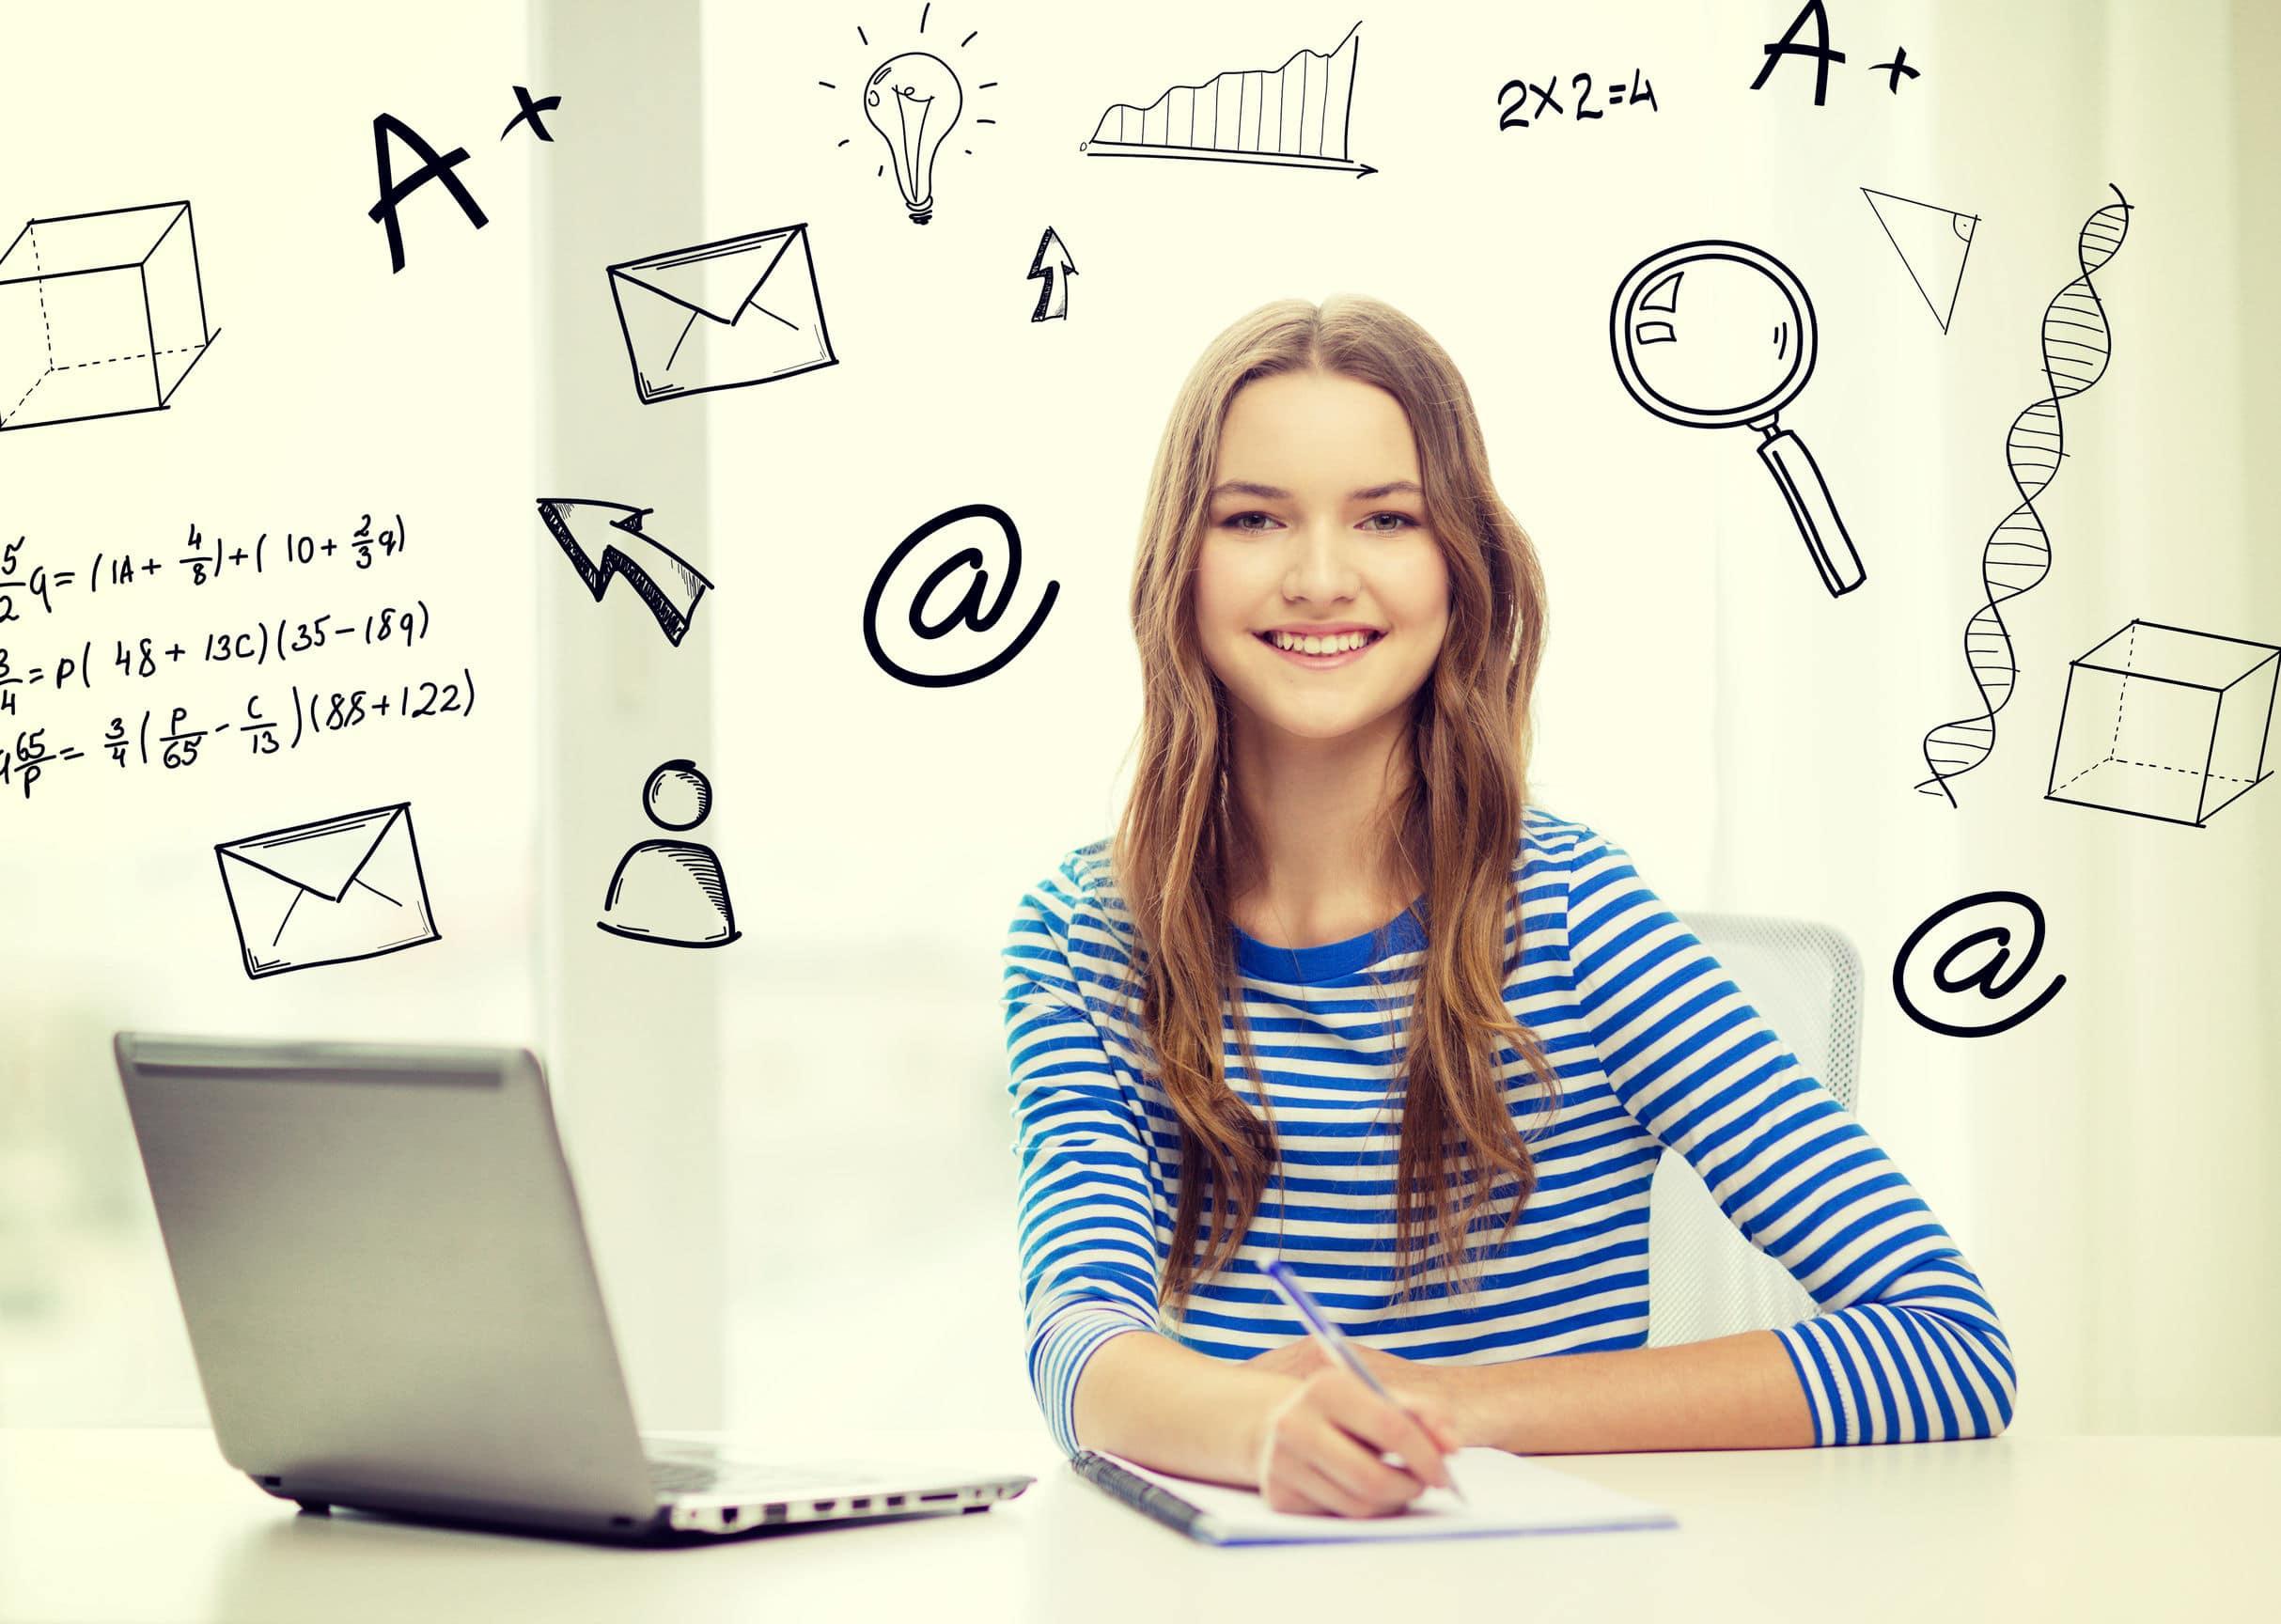 Adolescente loira sentada em uma mesa, usando um computador e um caderno. Desenhos feitos na imagem como envelope, lupa, sinal de @. Conceito de internet para auxiliar os estudos.